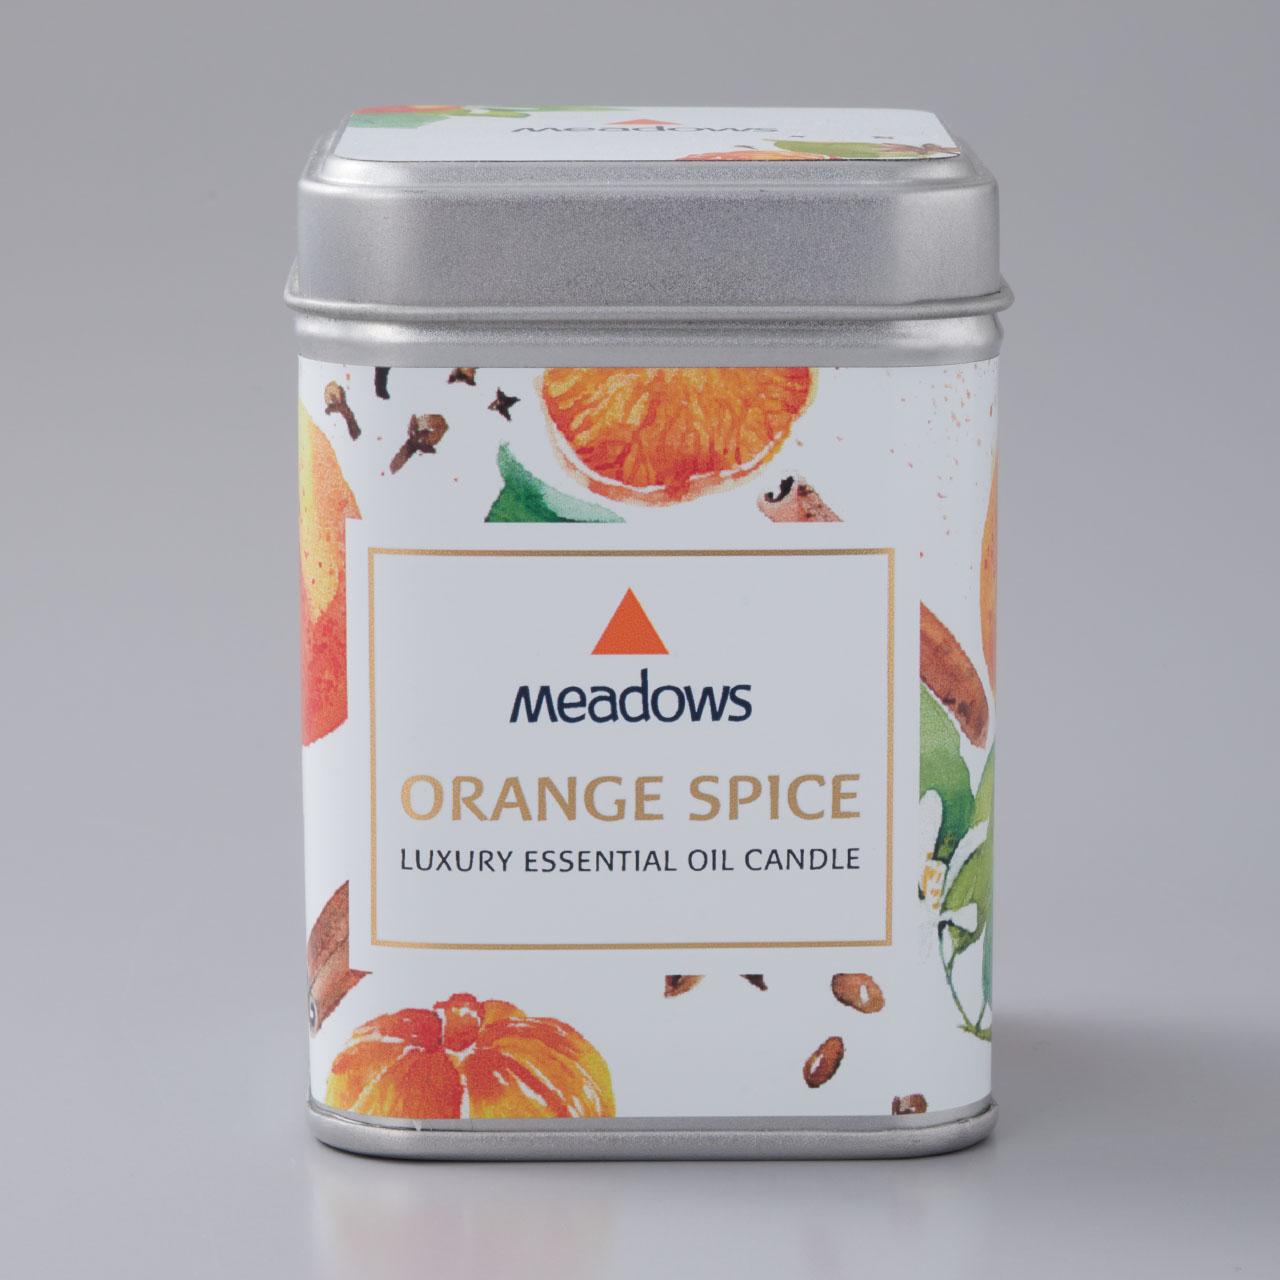 メドウズ(meadows)ラグジュアリー エッセンシャルオイルキャンドル オレンジスパイス